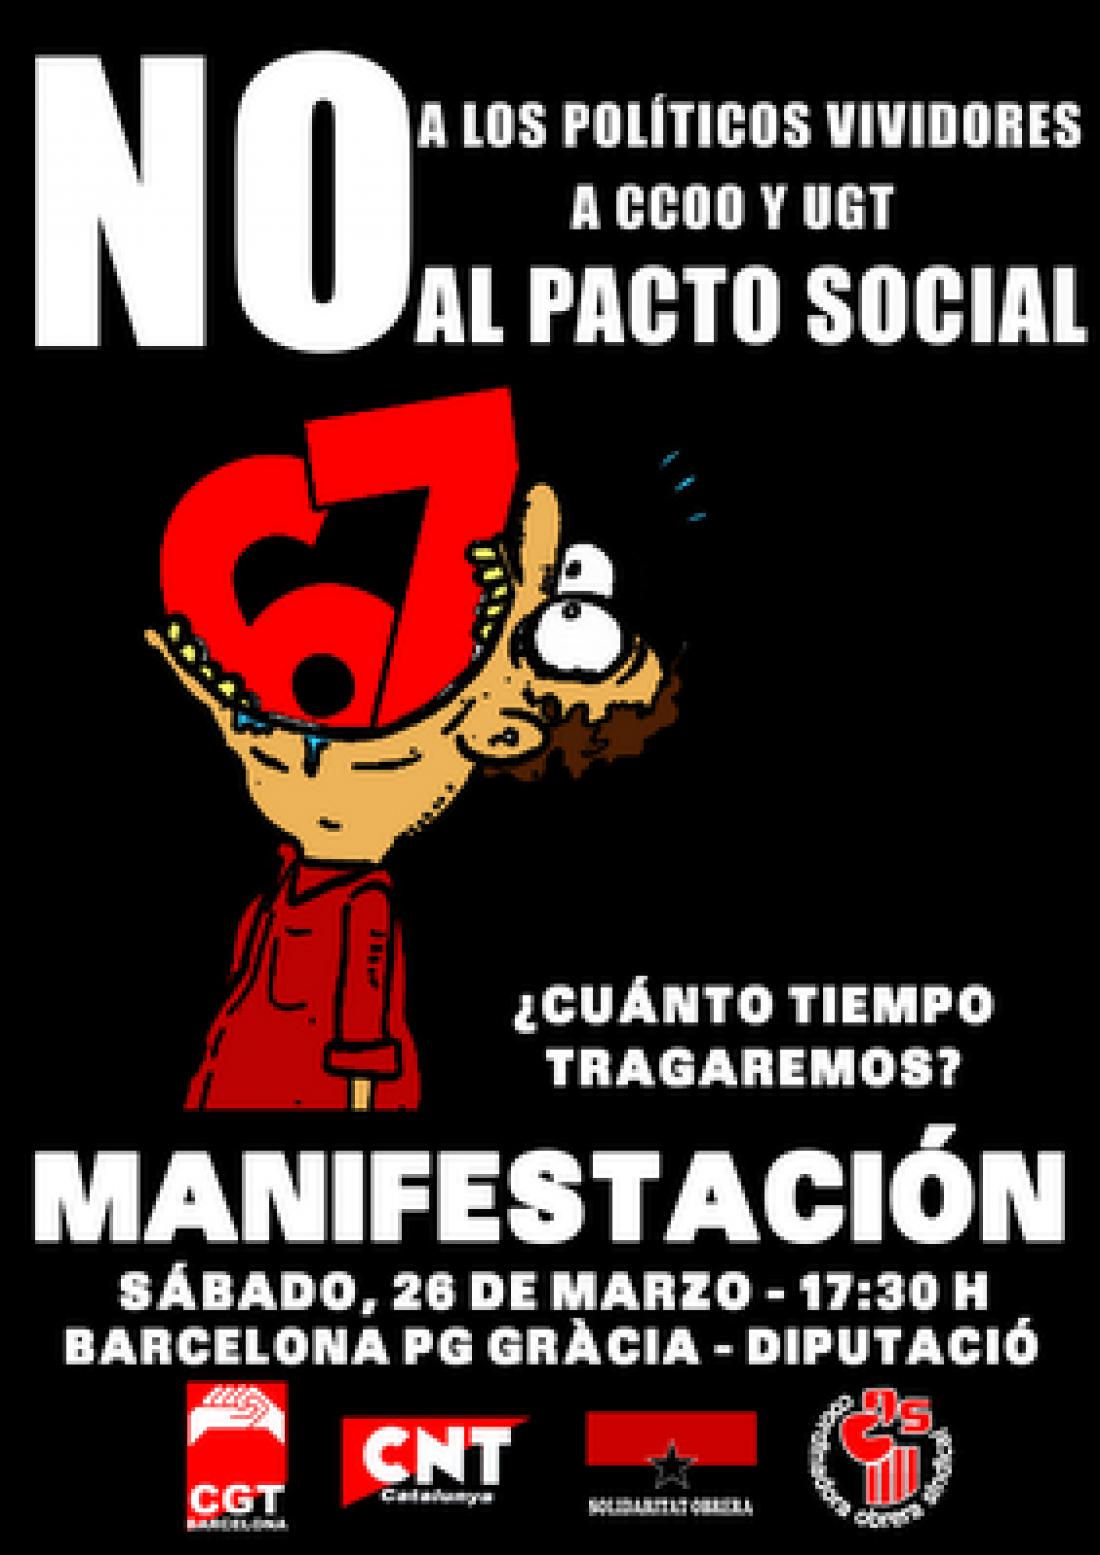 Barcelona. 26 de Marzo: Manifestación «NO a los políticos vividores, NO a CCOO y UGT, NO al pacto social»